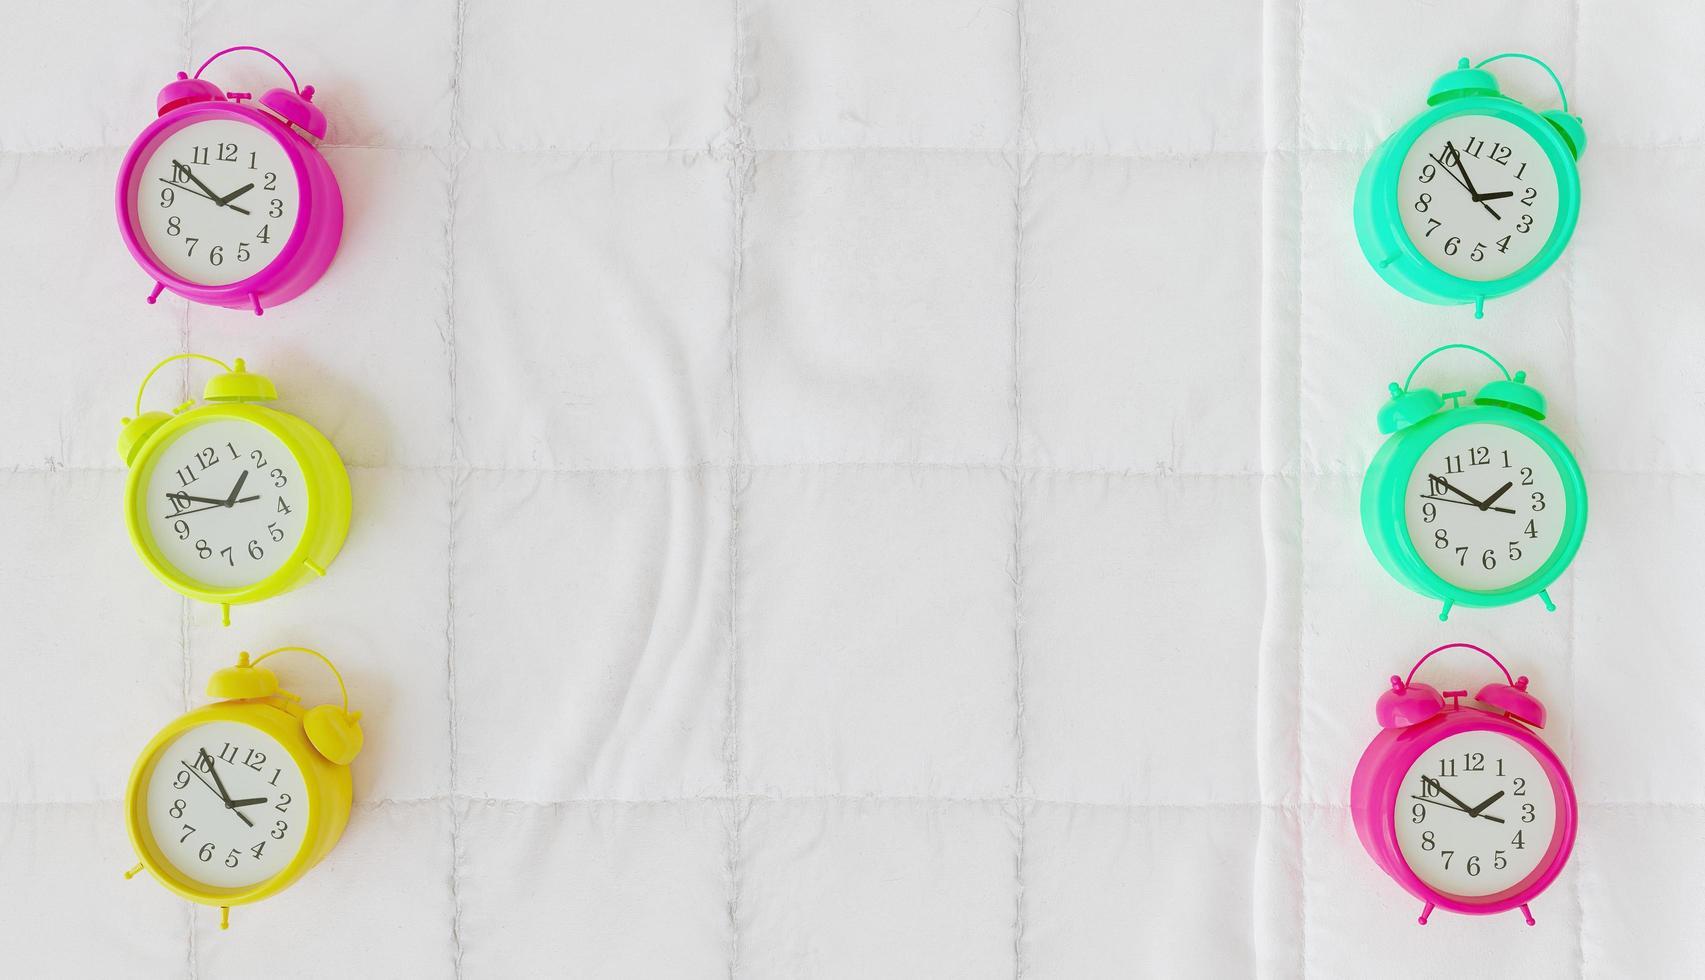 pastelkleurige wekkers aan de zijkanten van een bed, 3D-rendering foto